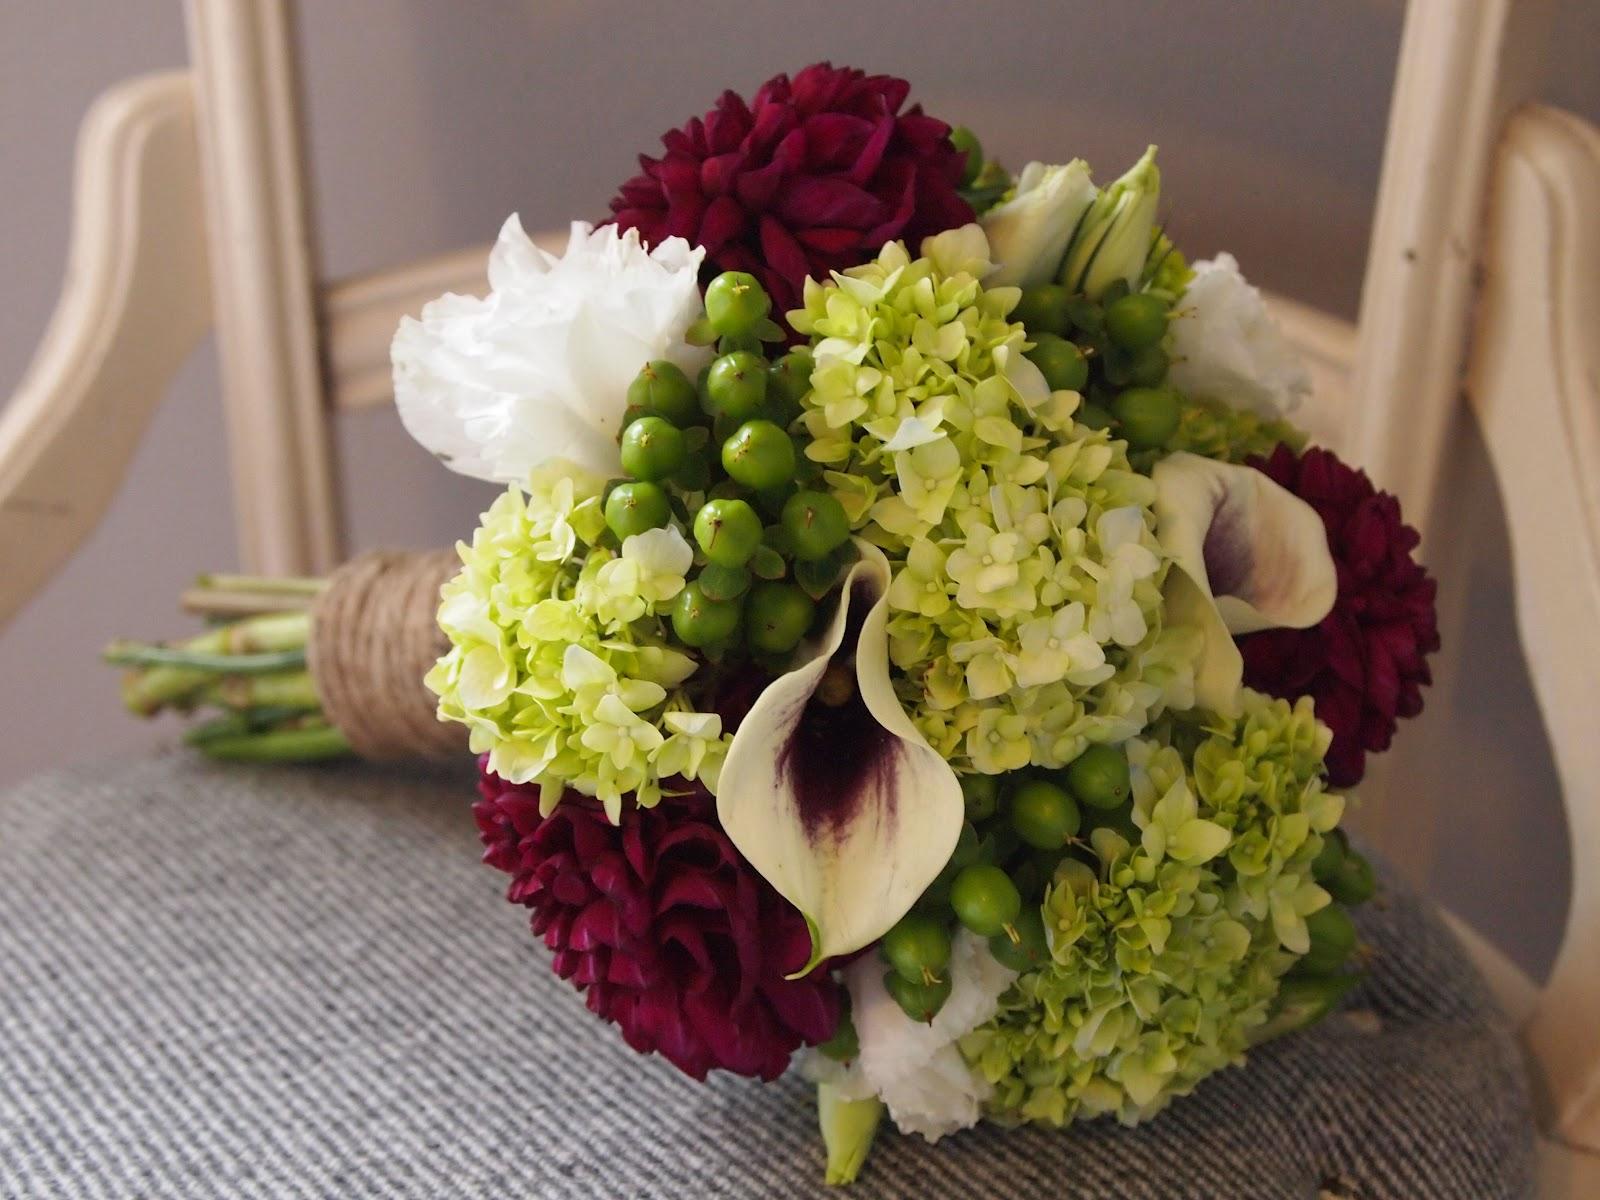 Green Flowers Arrangements 8 High Resolution Wallpaper